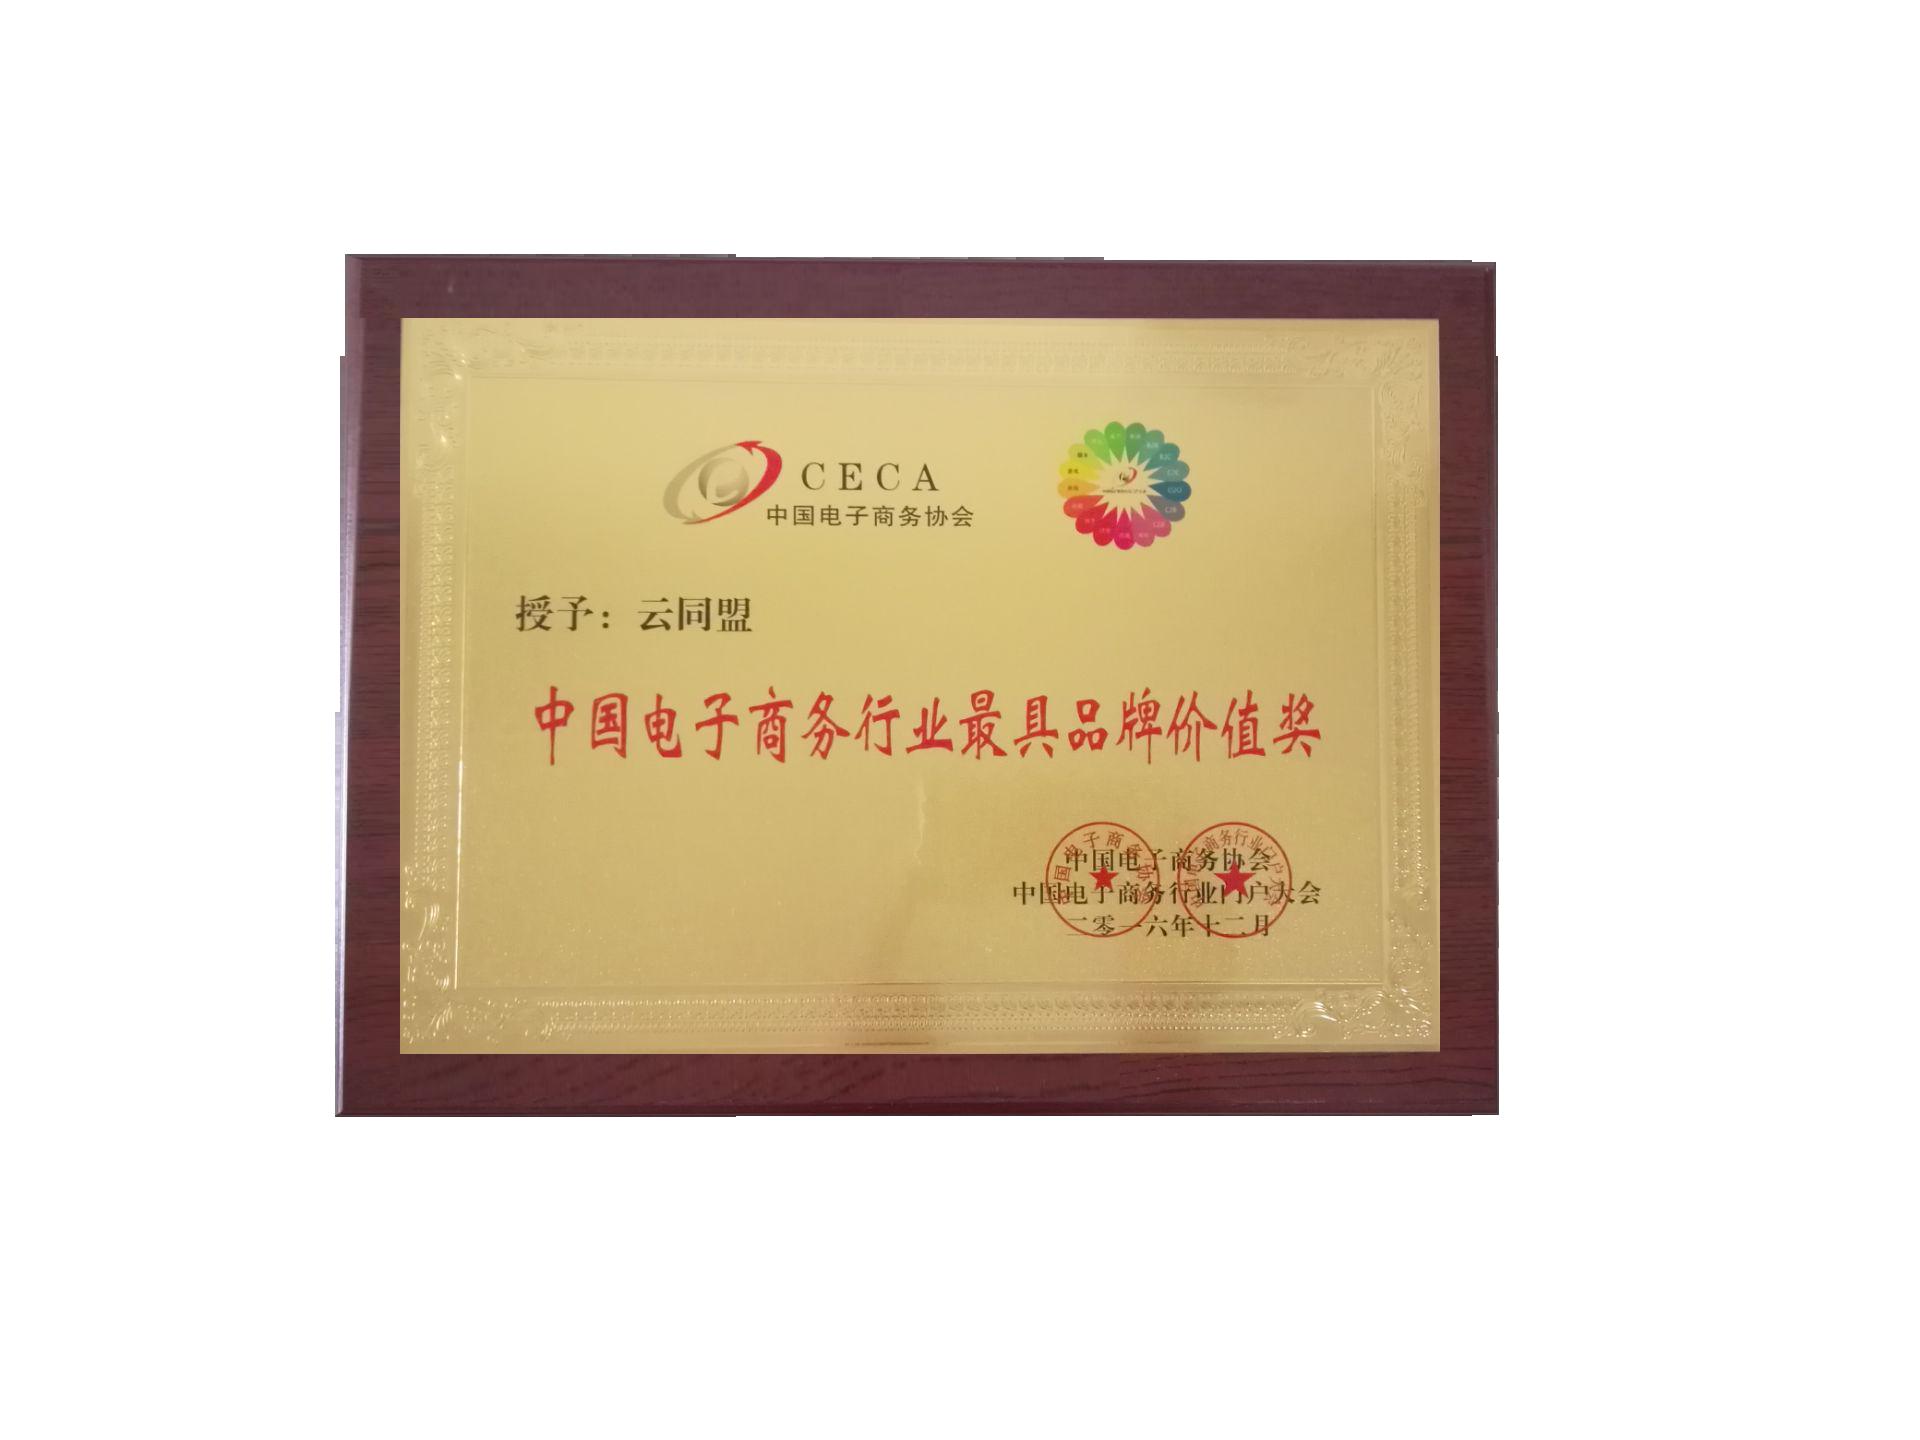 中国电子商务行业最具品牌价值奖